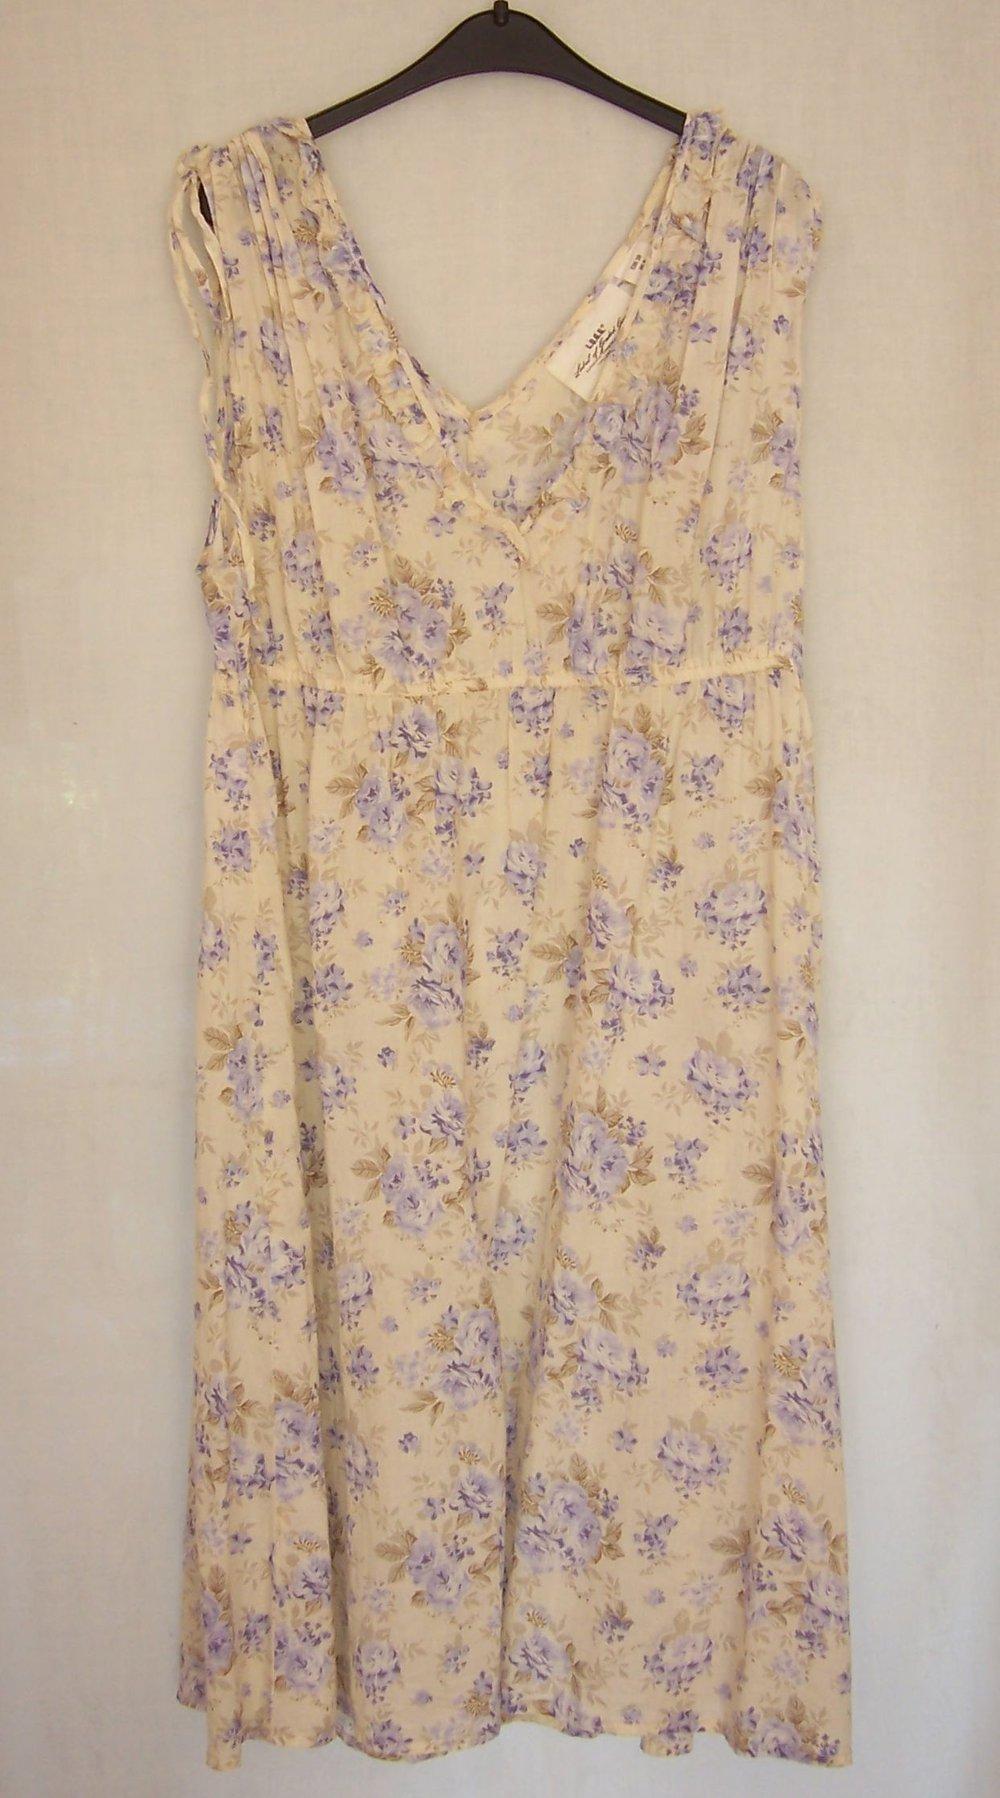 38 Süßes Babydoll Kleid Sommerkleid Strandkleid Trägerkleid blau weiß Gr